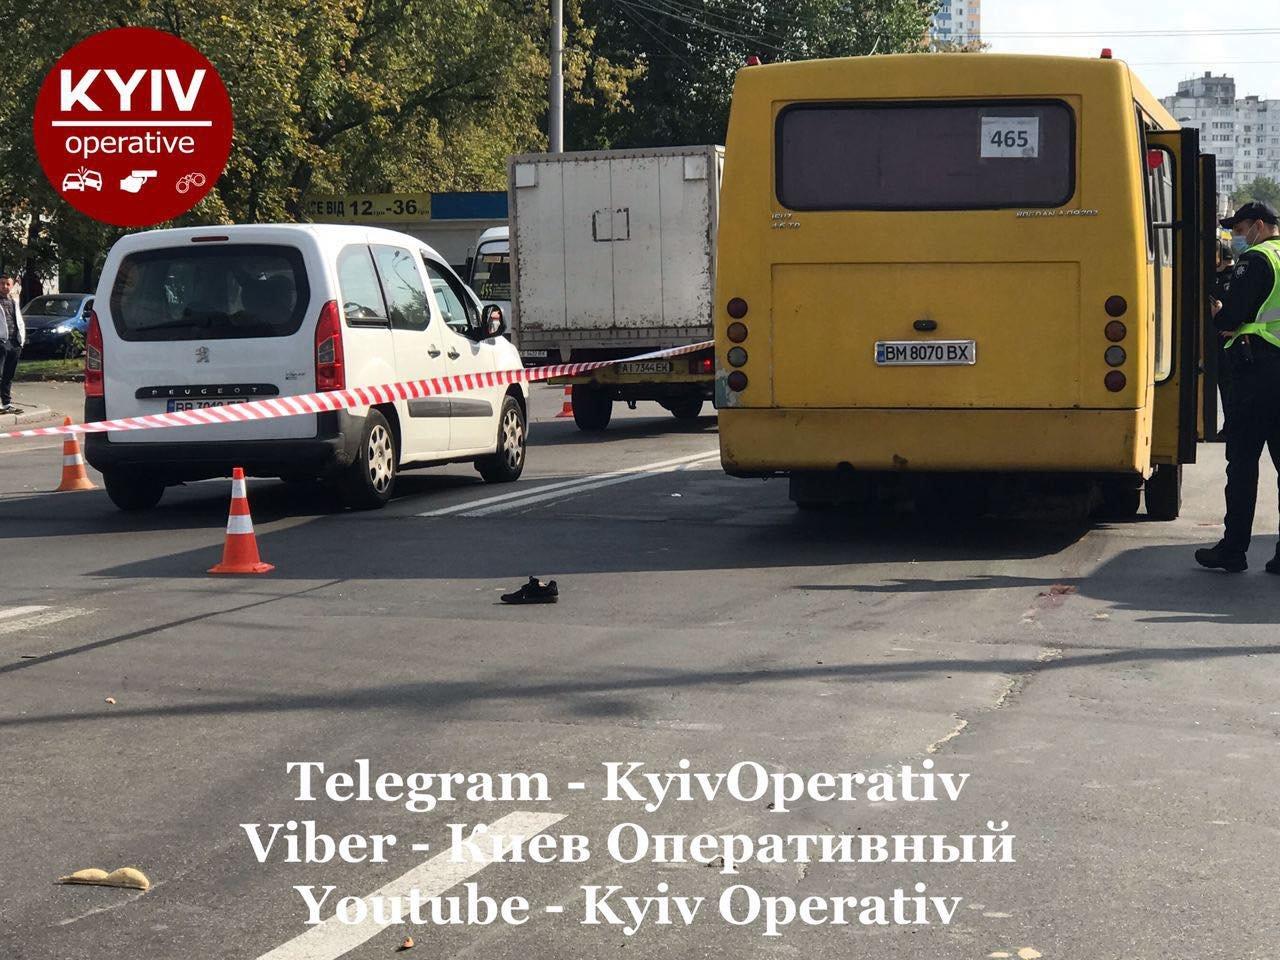 В Киеве на Виноградаре произошло смертельное ДТП с участием маршрутки, ВИДЕО, фото-4